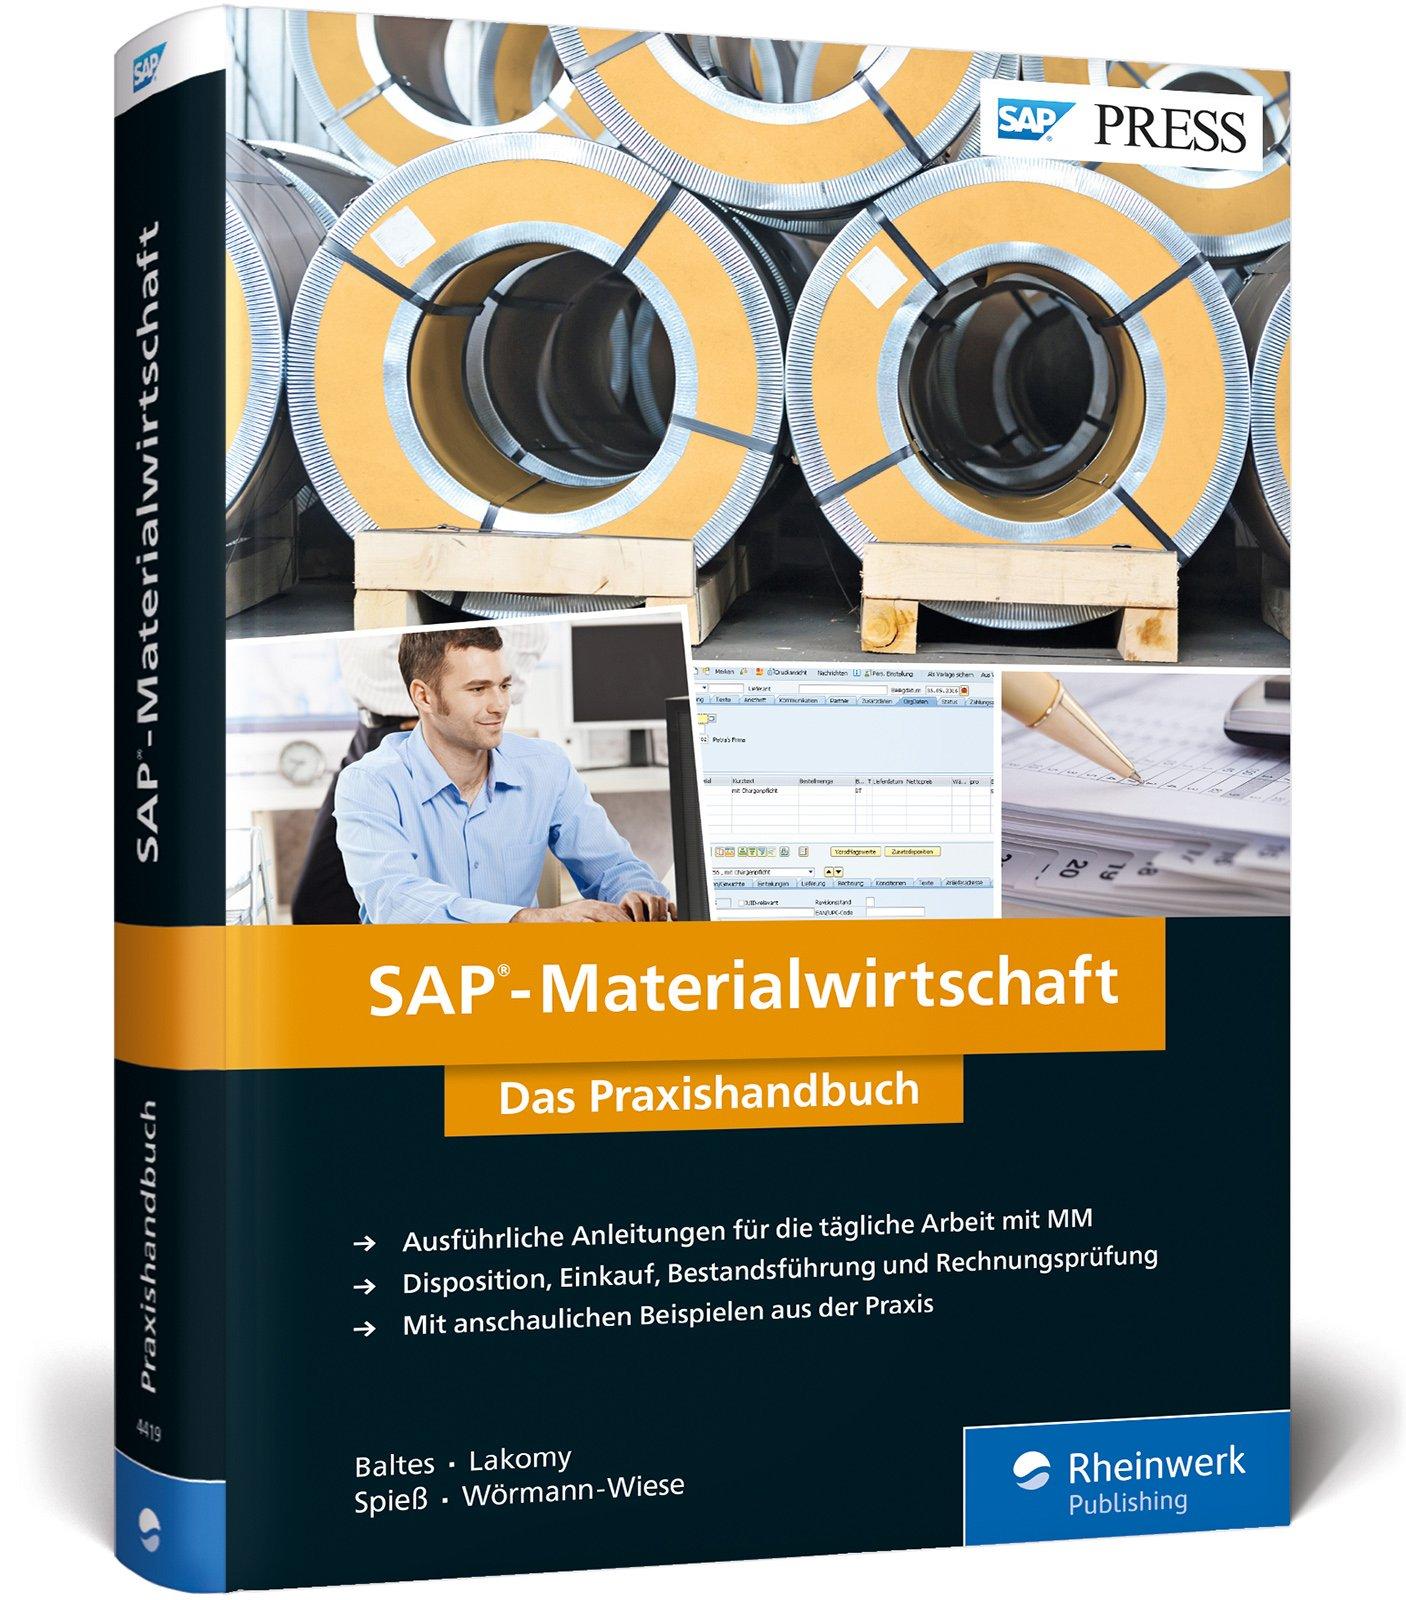 SAP-Materialwirtschaft: Einkauf, Rechnungsprüfung, Bestandsführung und Disposition mit SAP MM (SAP PRESS)